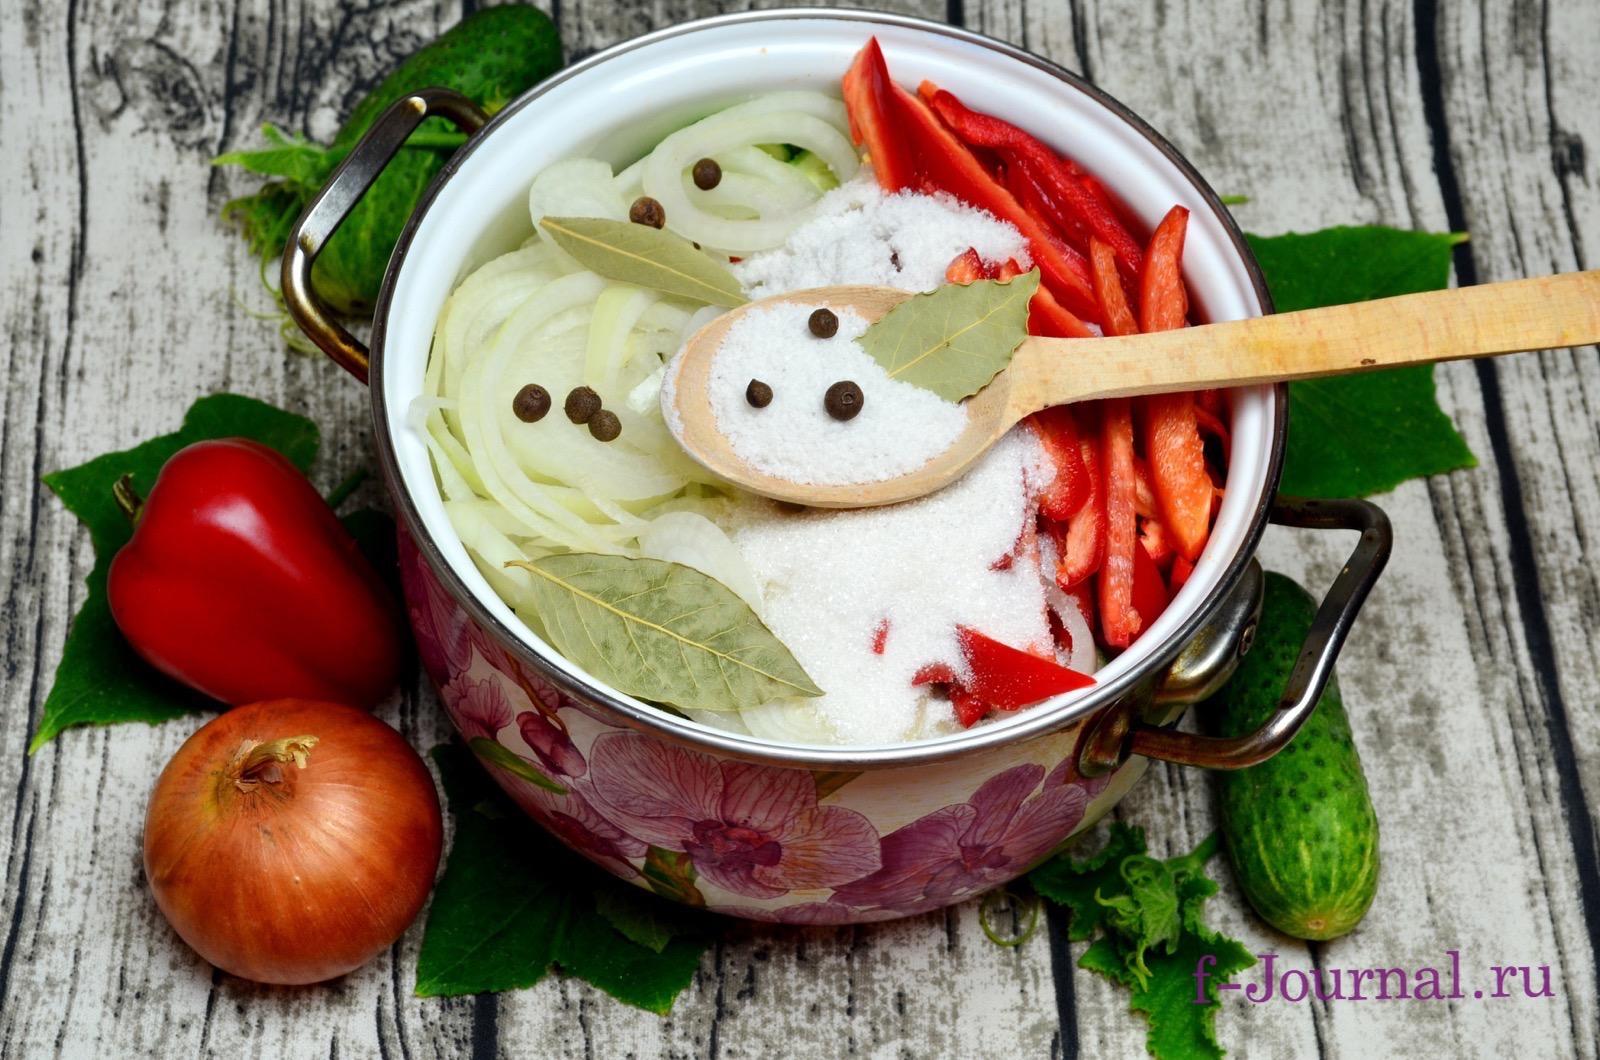 салаты из болгарского на зиму рецепт и фото